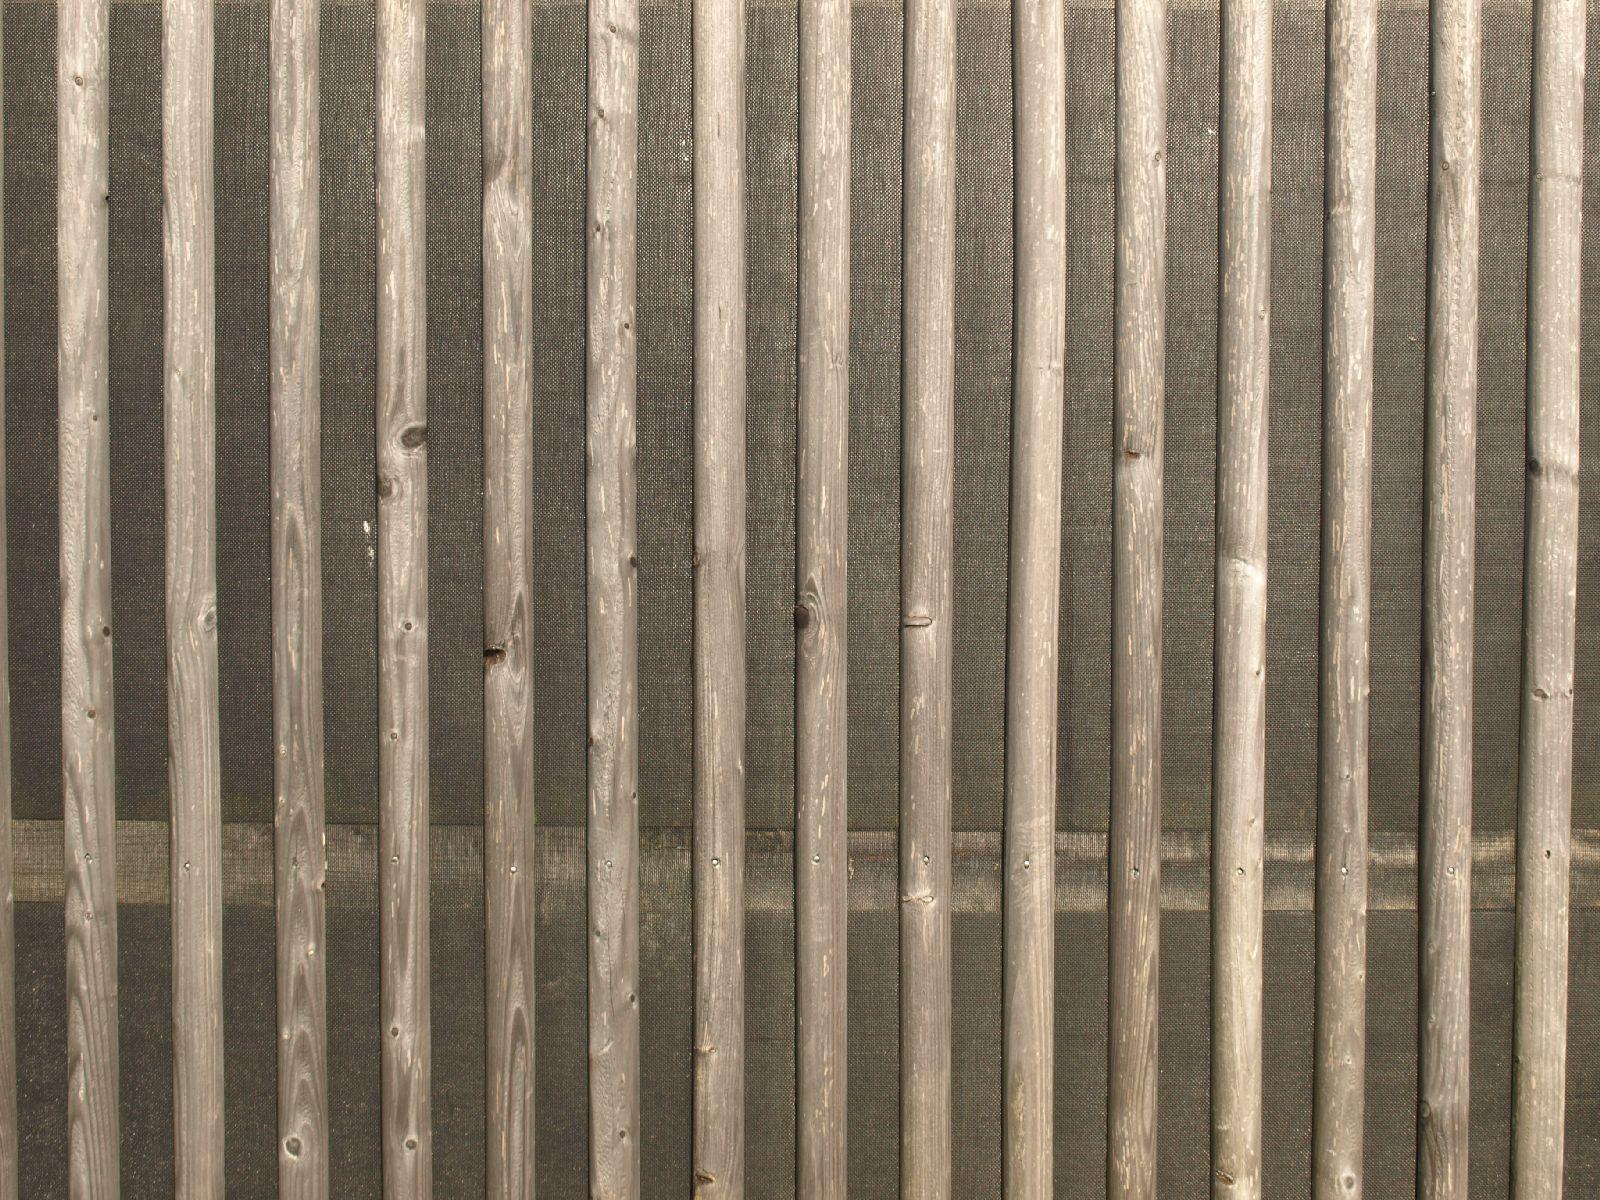 Holz_Textur_A_P9129646